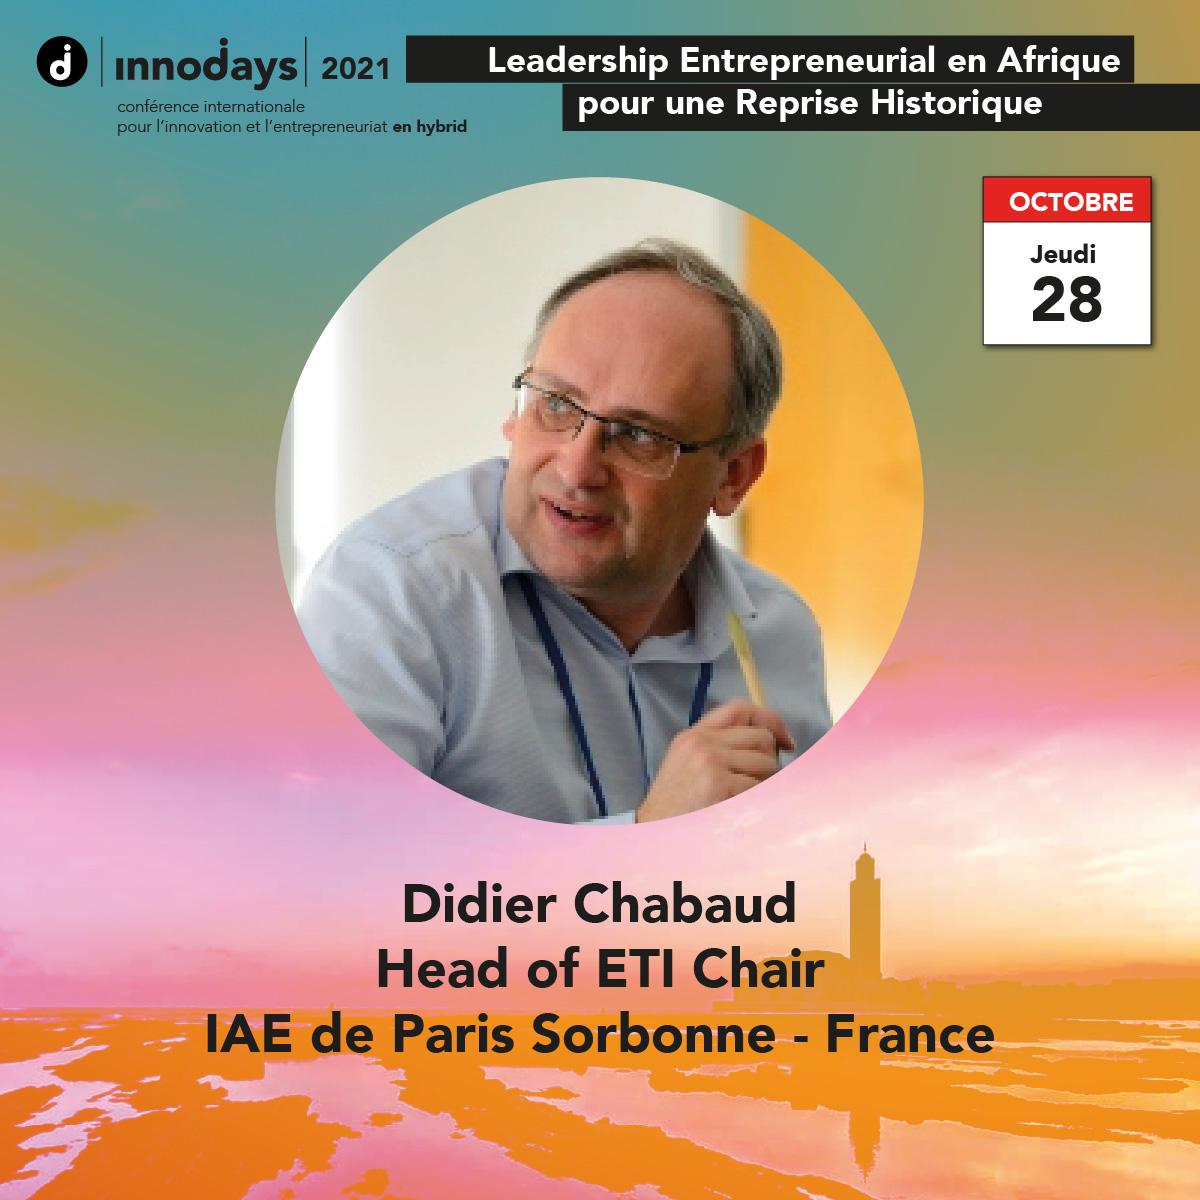 Didier Chabaud - Directeur de la Chaire ETI - IAE de Paris 1 Sorbonne - France